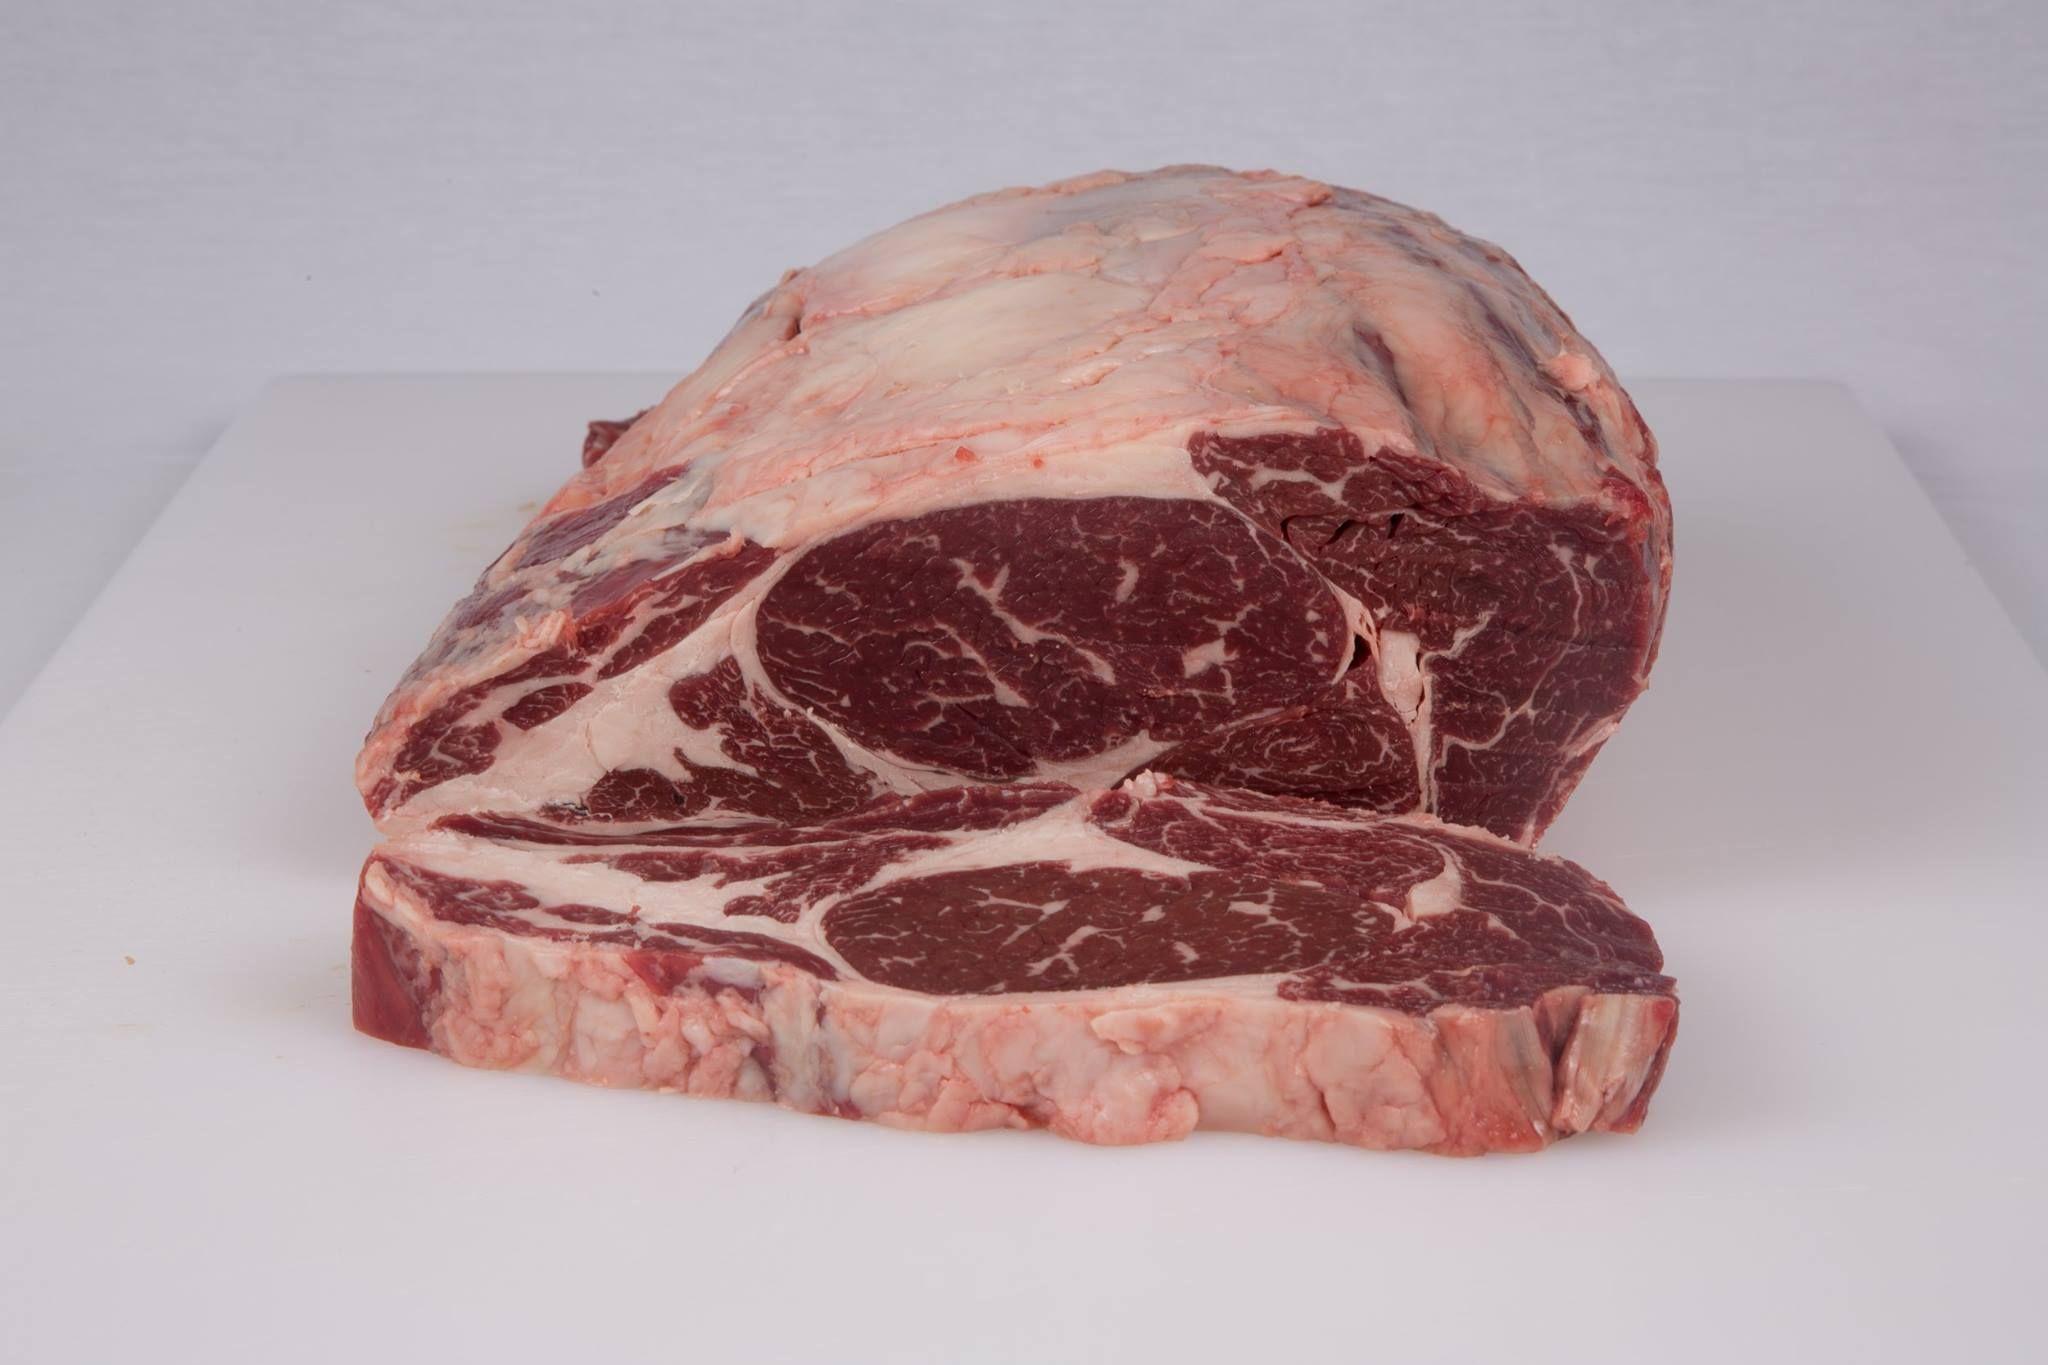 Venta de carne al por mayor en Alicante